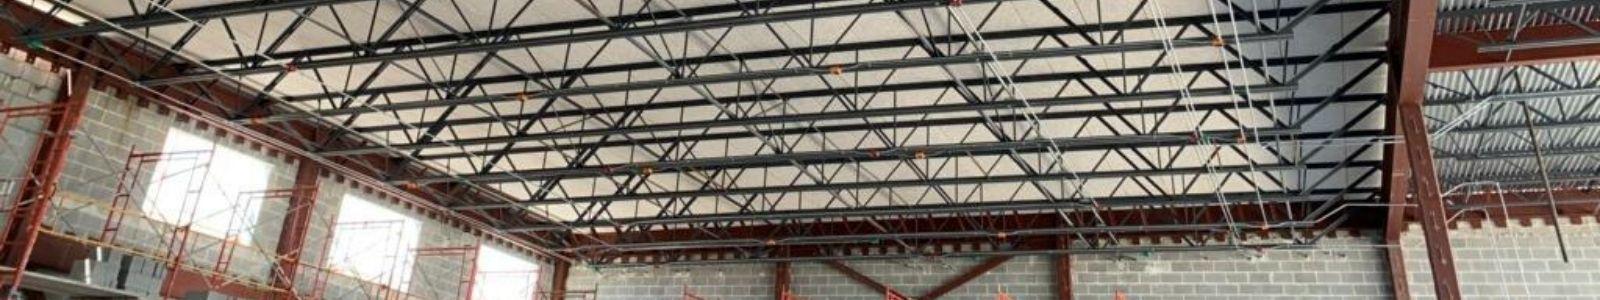 Nettles featured project - Guajardo Elementary School - 1600 x 300 install 1